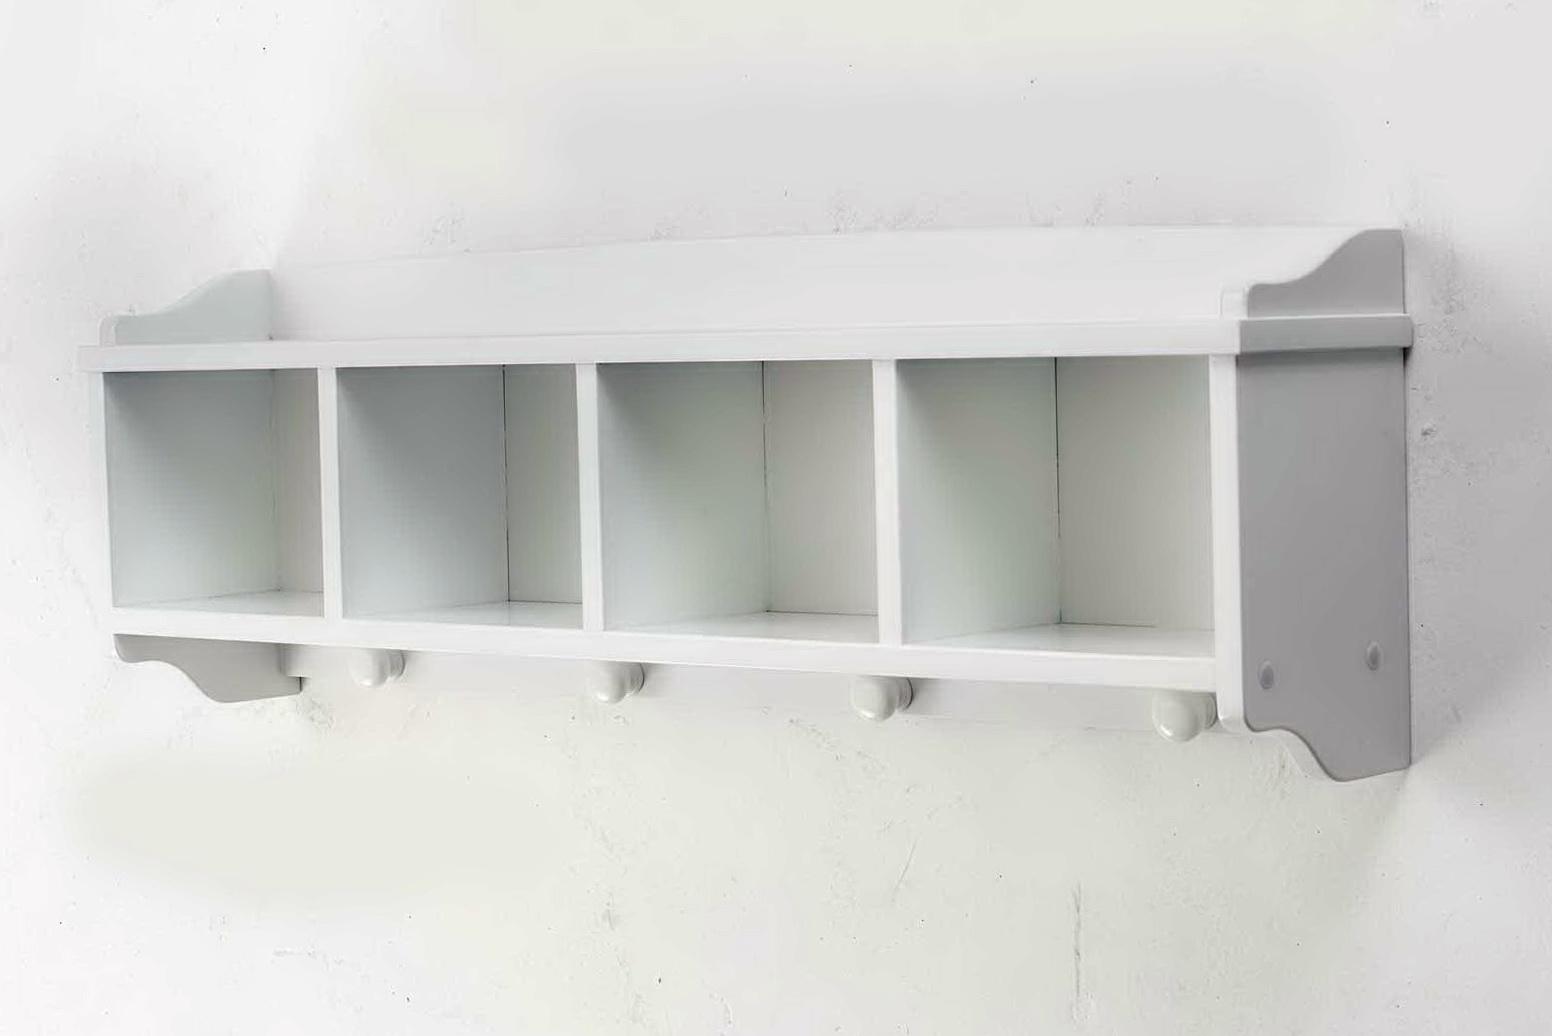 Wall Mounted Shelving Units Uk Wall Shelves 16421 Home Design Ideas